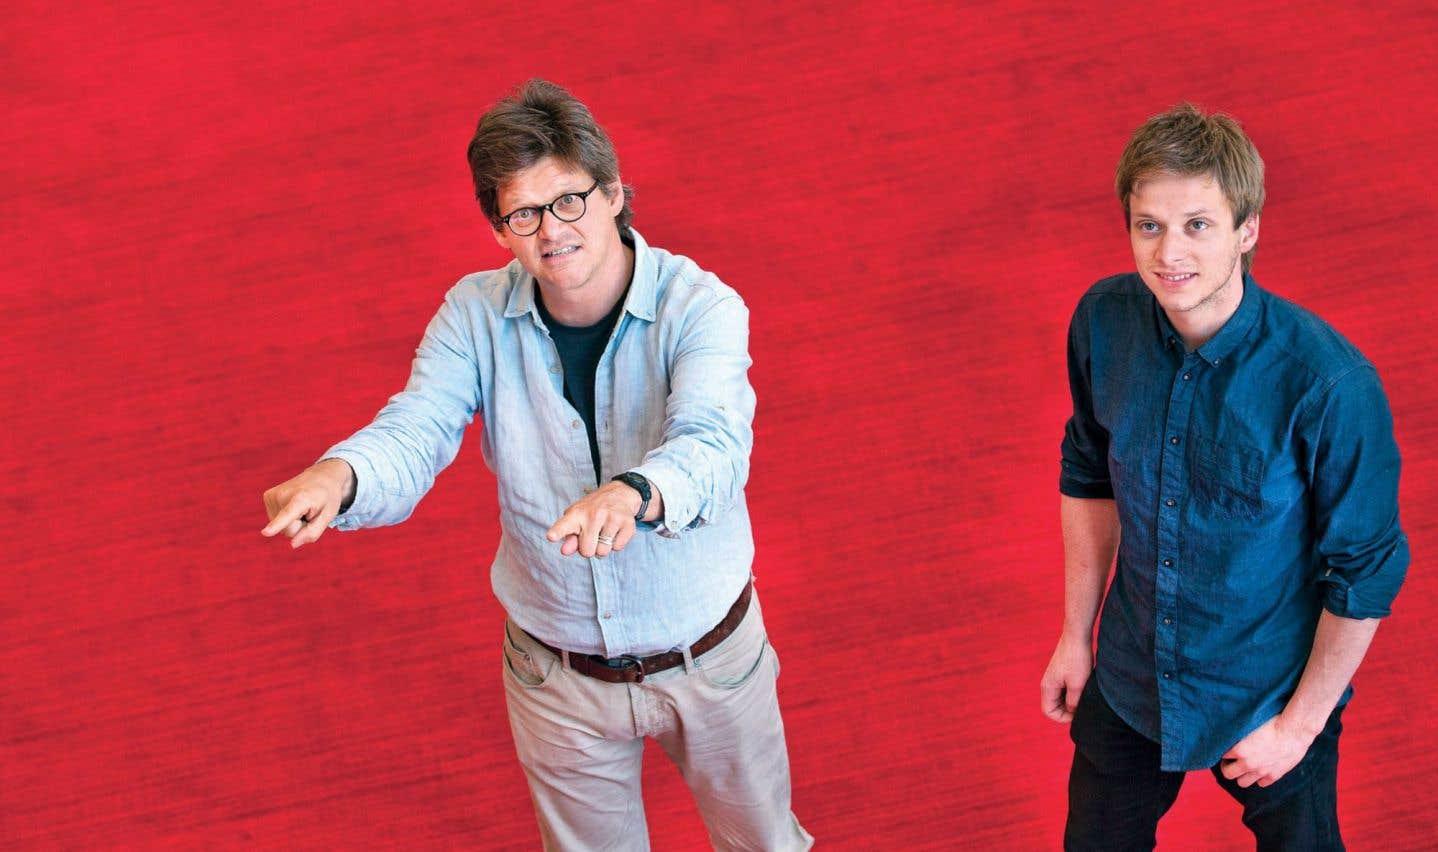 Le metteur en scène Dominic Champagne et son fils aîné, Jules, discutent identité québécoise et rapport à la souveraineté.